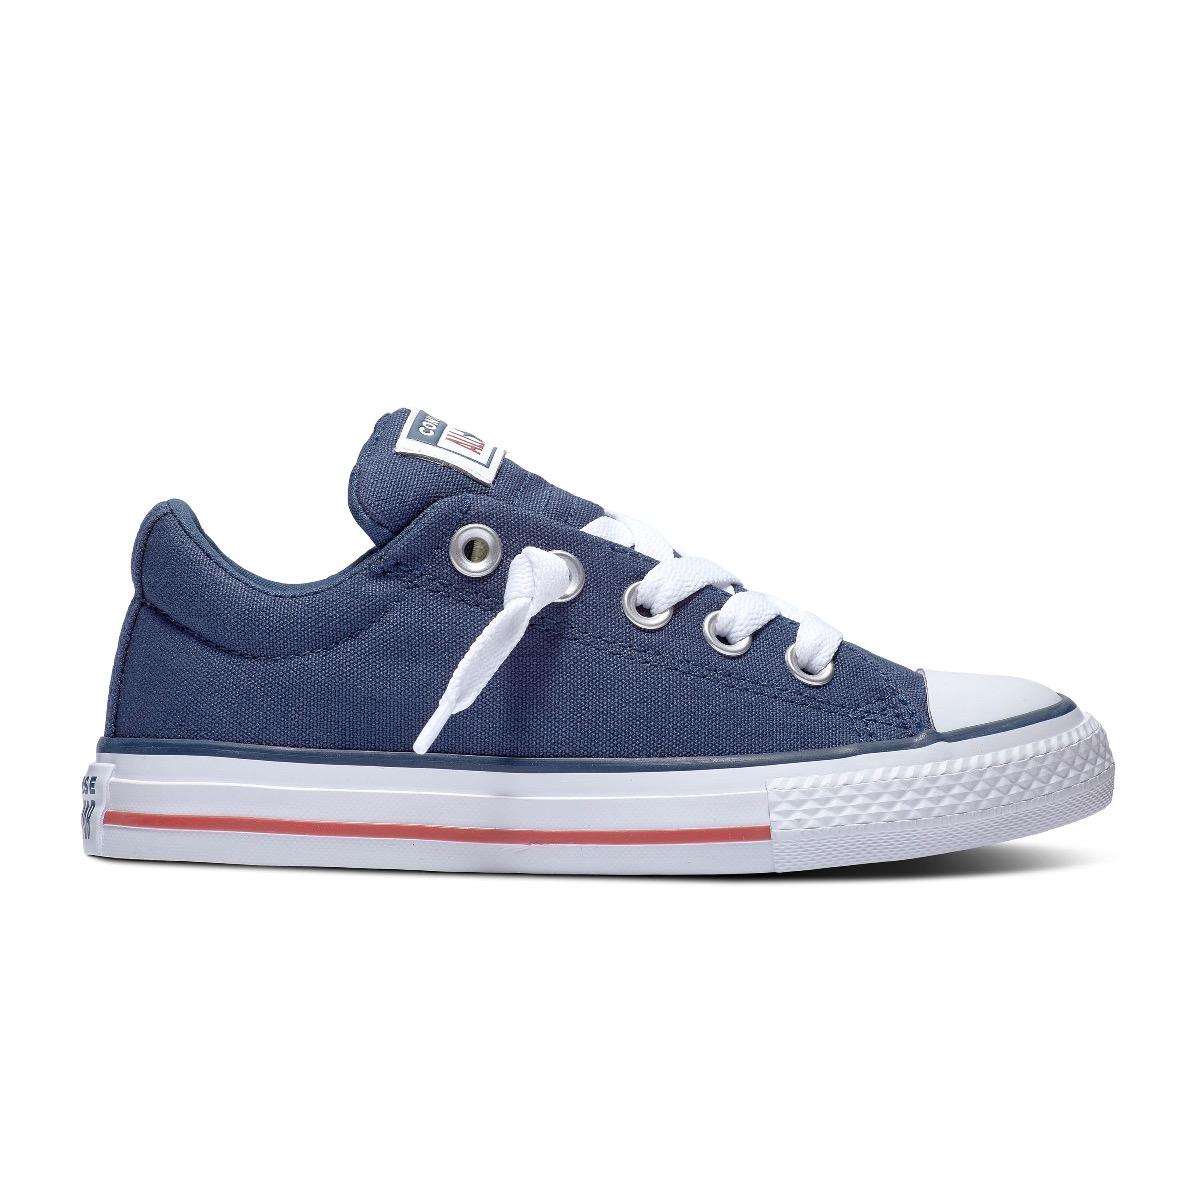 9d17e2bce53 Converse all stars chuck taylor street 663987c blauw